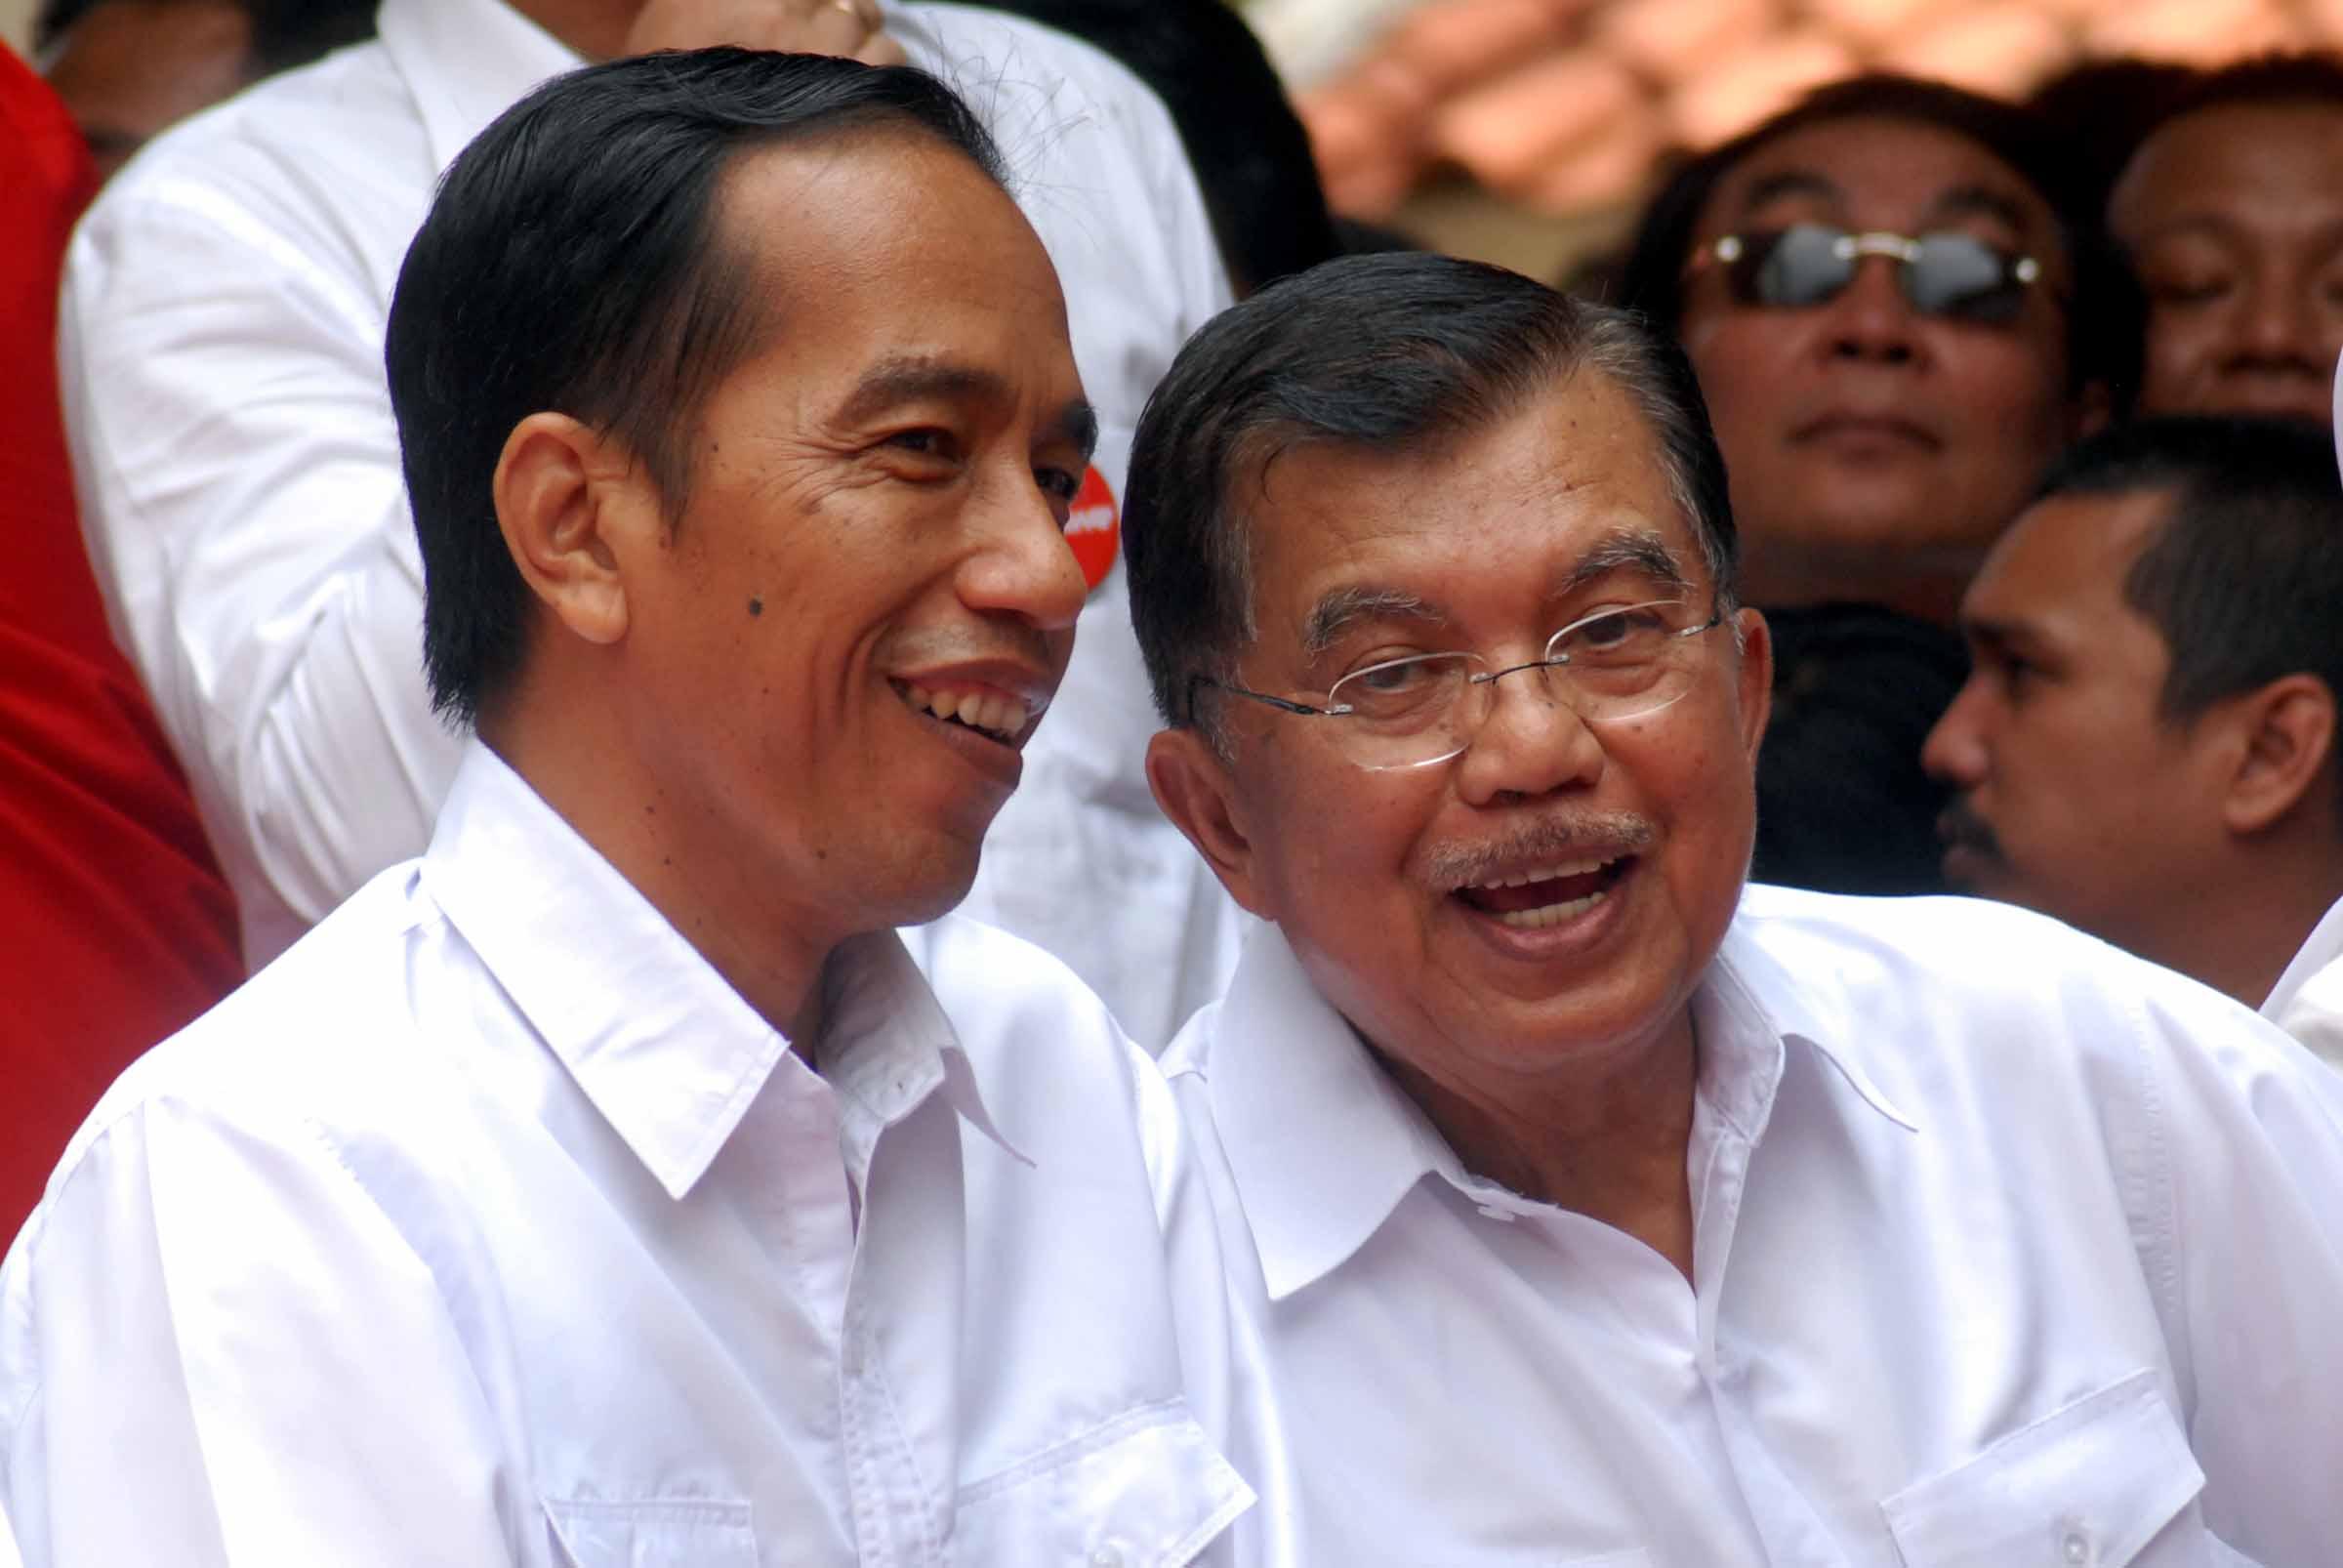 Menguping Rembuk Nasional Dua Tahun Pemerintahan Jokowi-JK